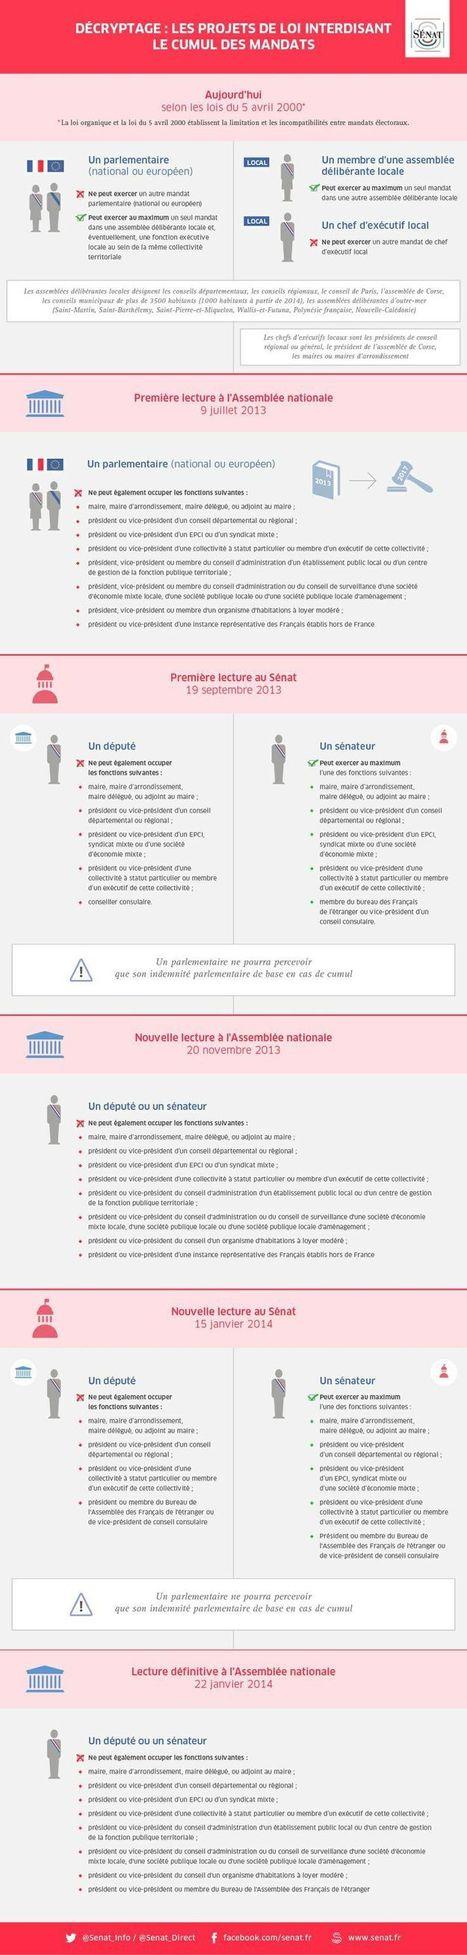 Infographie : comprendre le vote sur le non-cumul des mandats | Politique, Economie & Social - France & International | Scoop.it